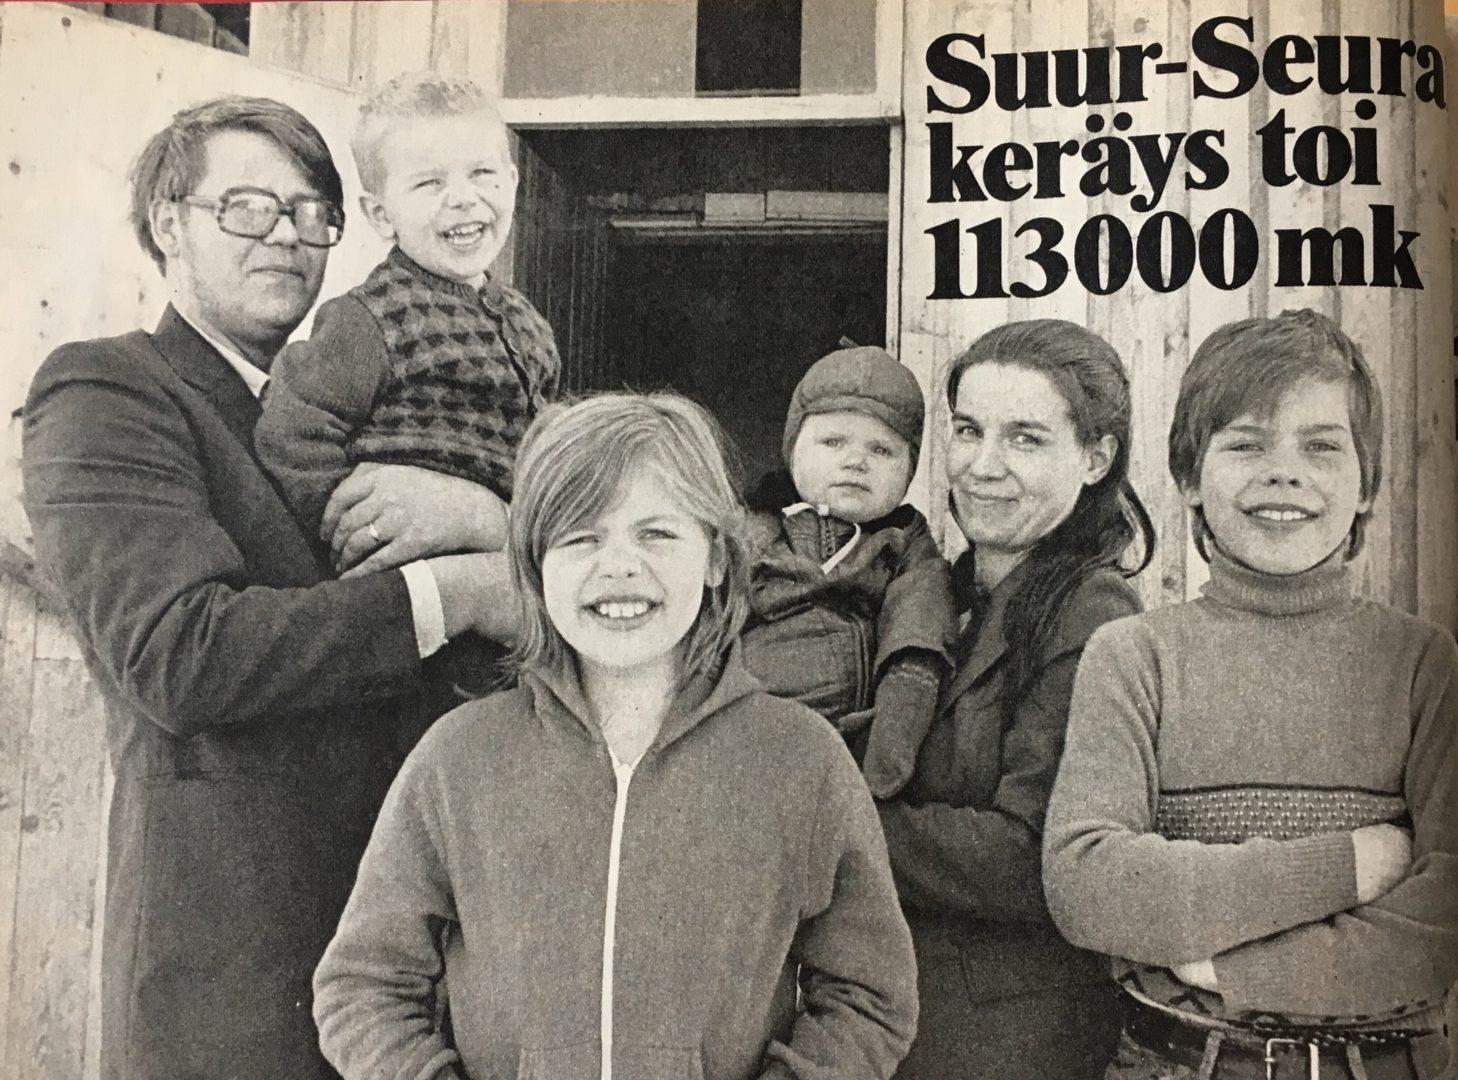 Suur-Seura keräsi suuren rahasumman paltamolaiselle perheelle vuonna 1979.